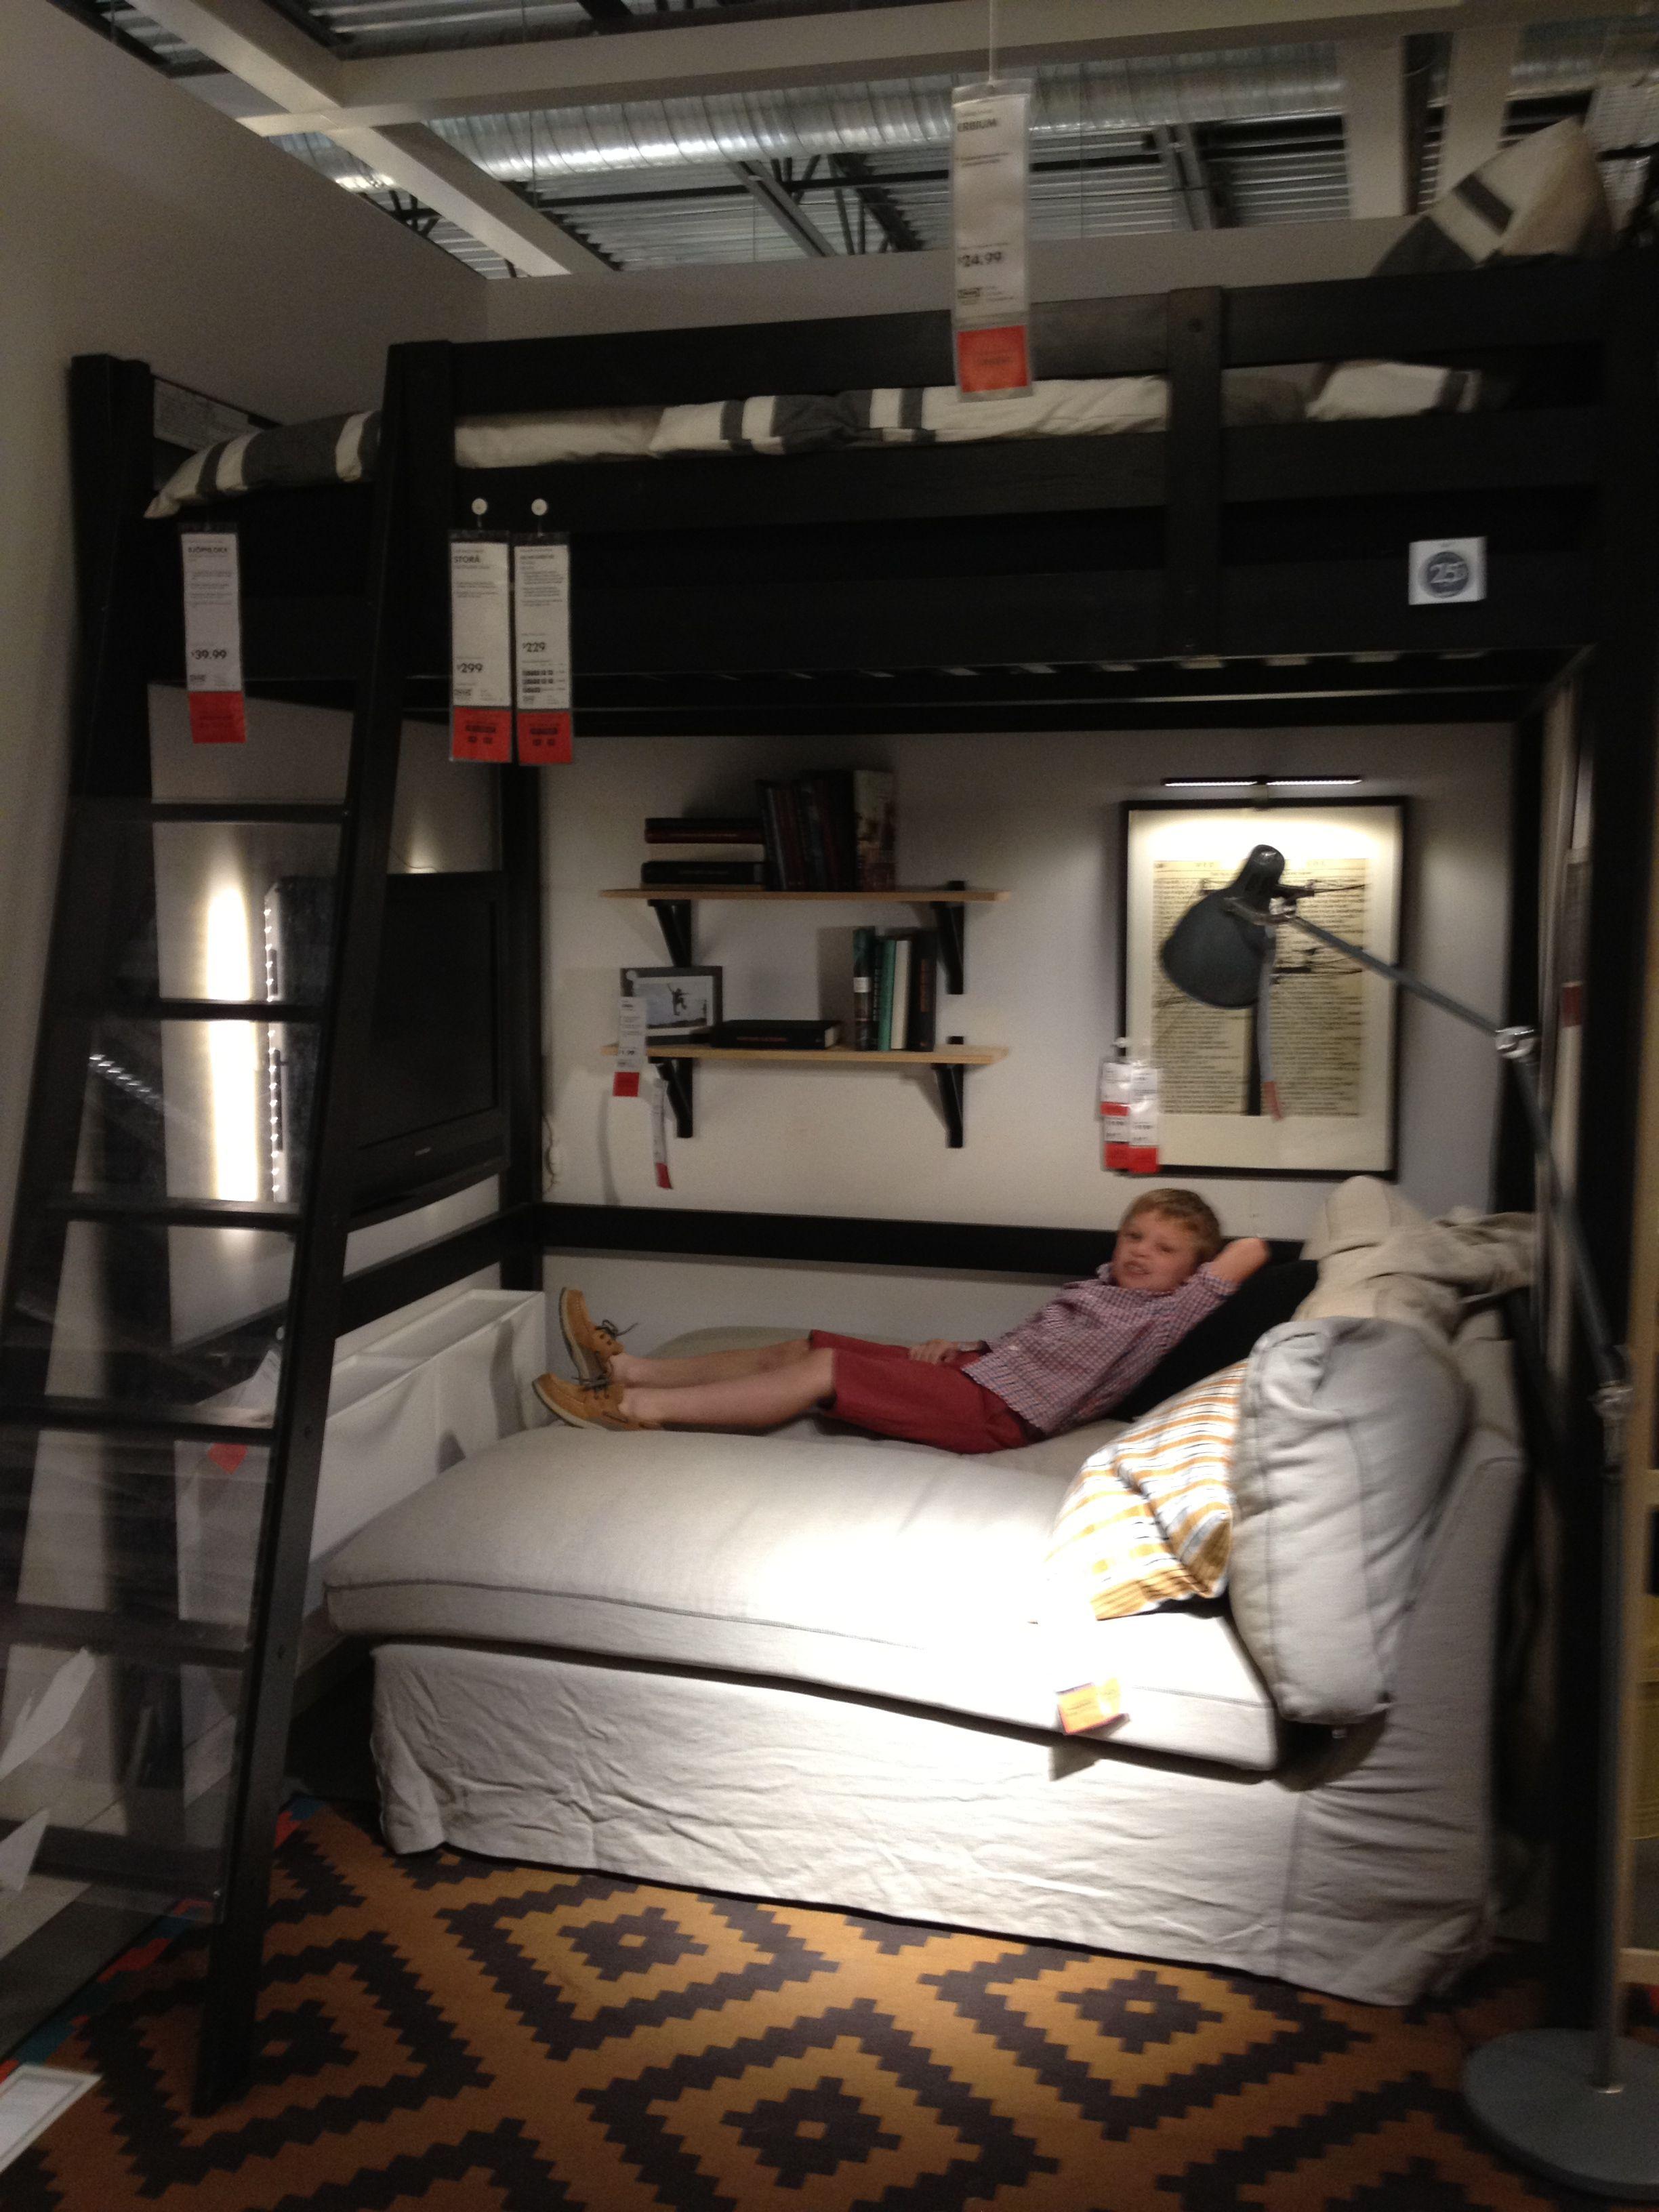 Ikea Bedroom Ikea Loft Bed Small Room Bedroom Small Bedroom